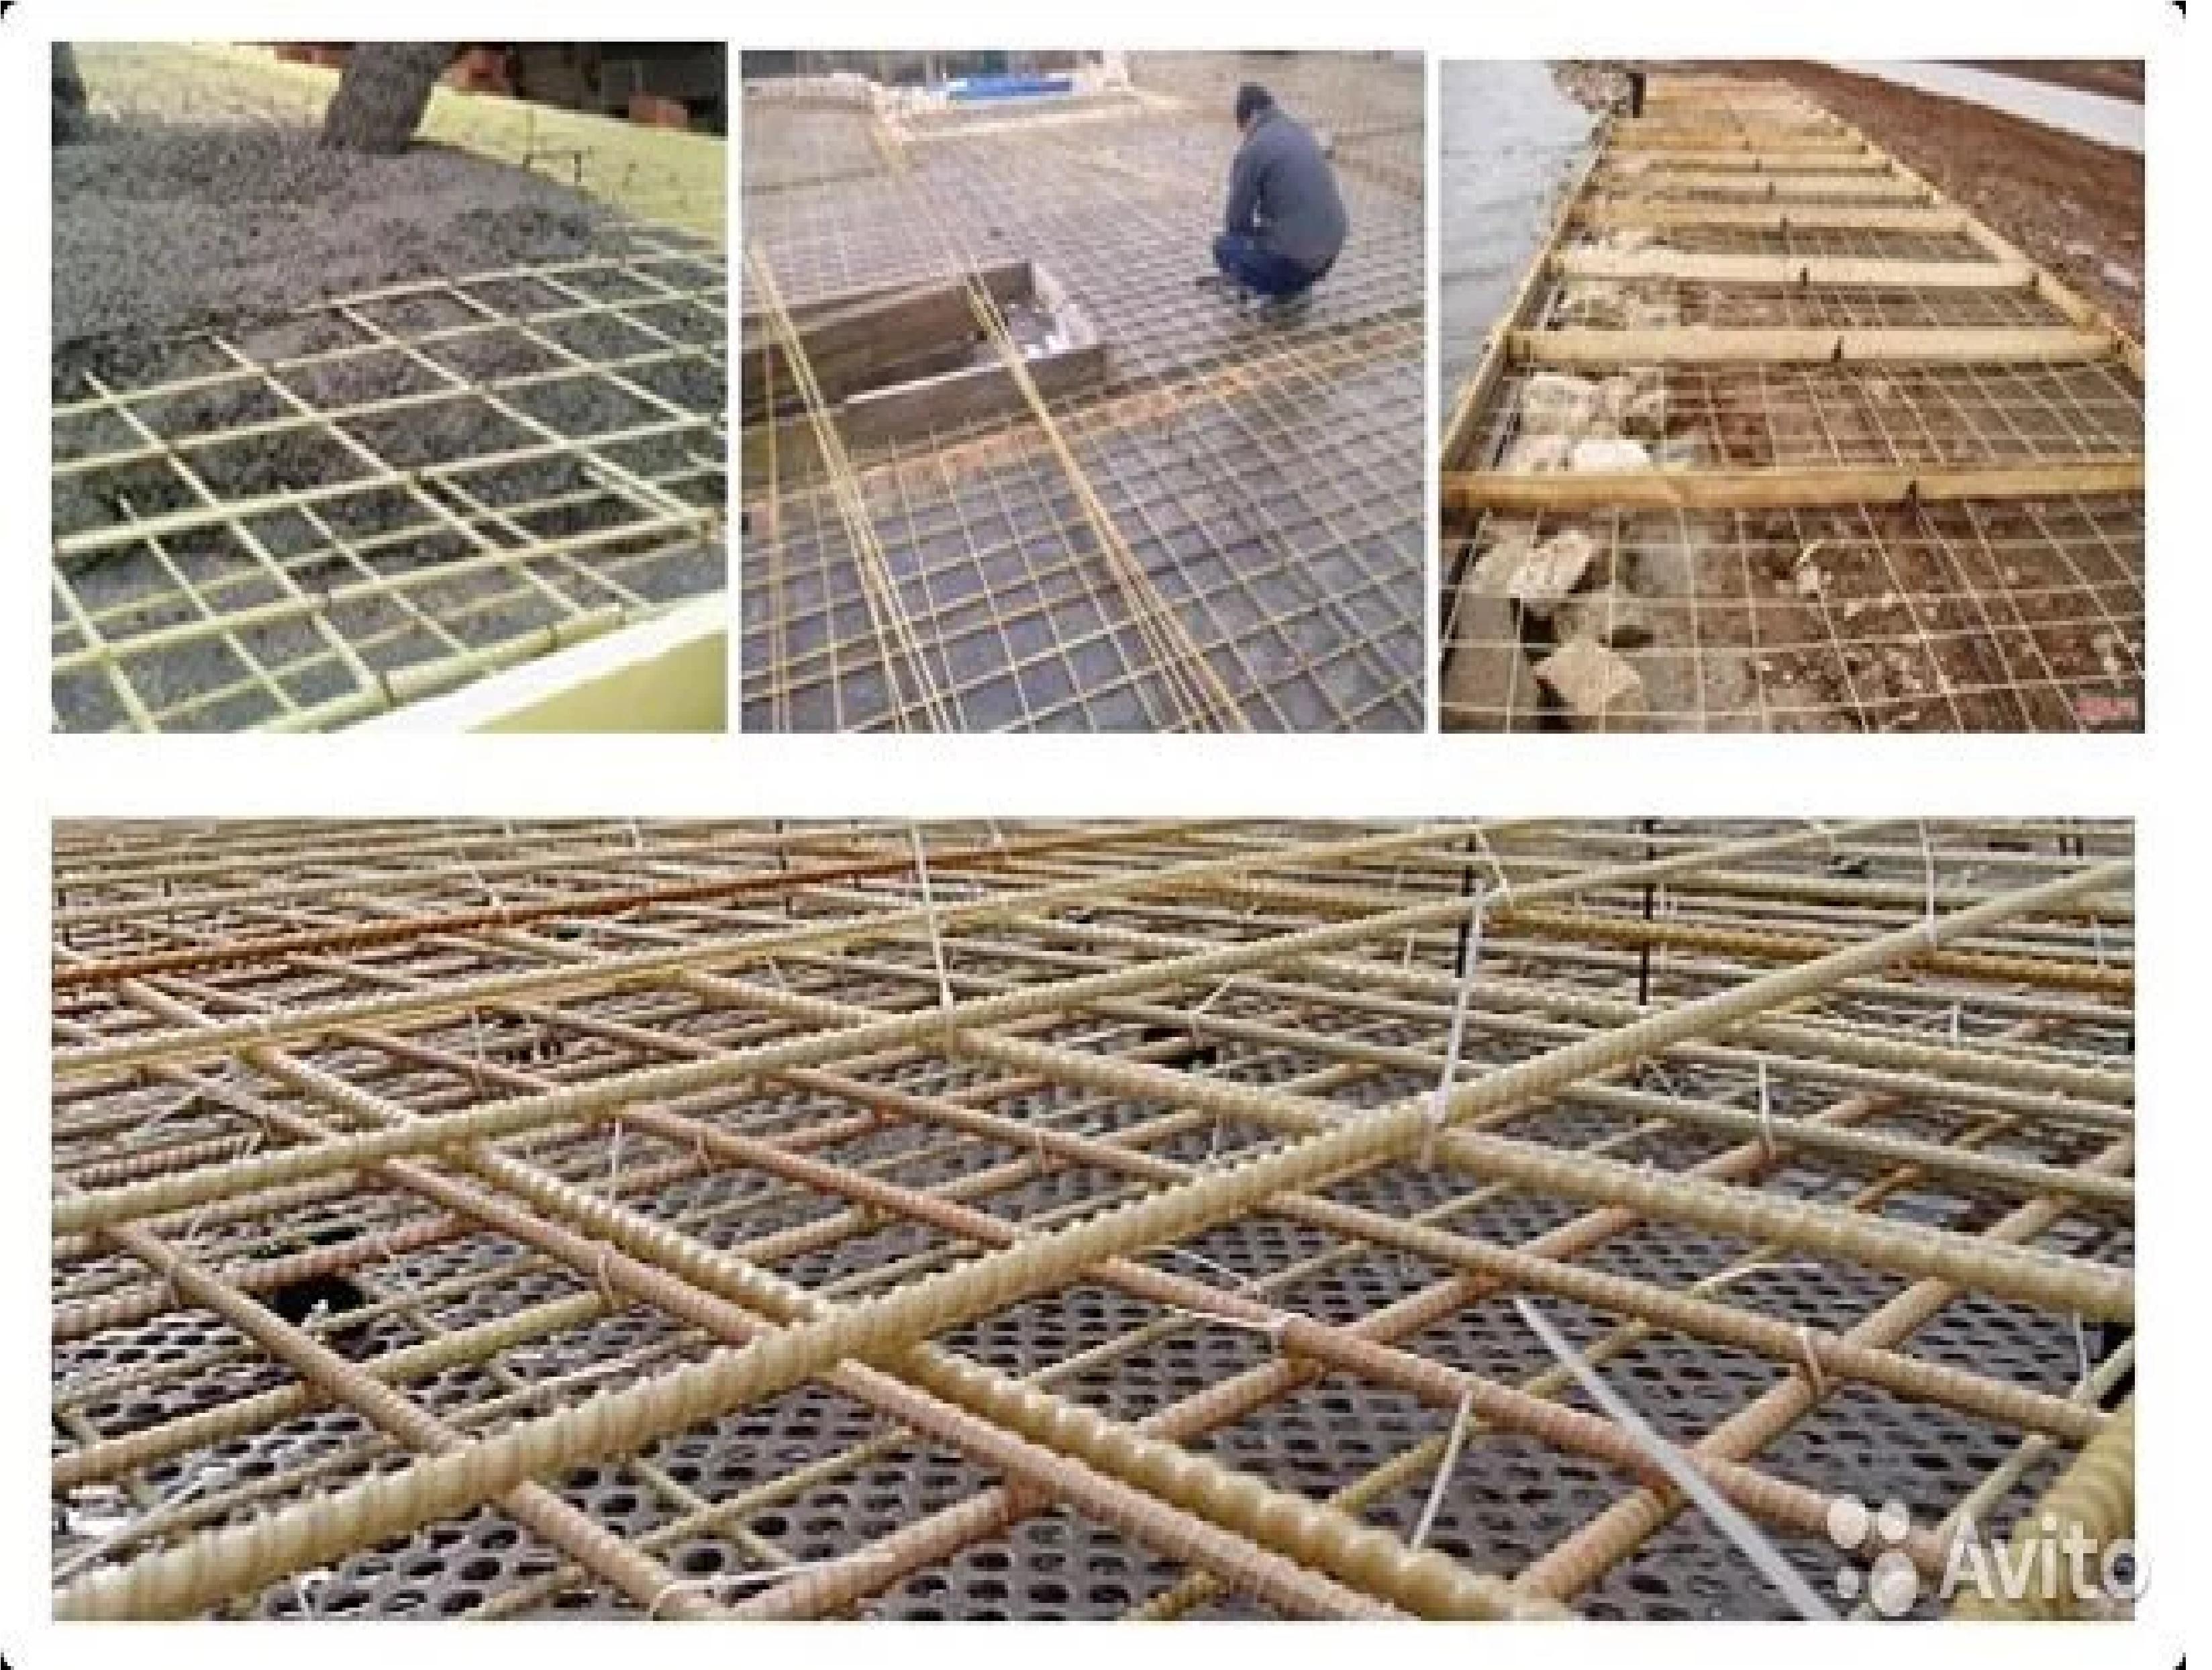 Материалы для производства стеклопластиковой арматуры - утилизация и переработка отходов производства